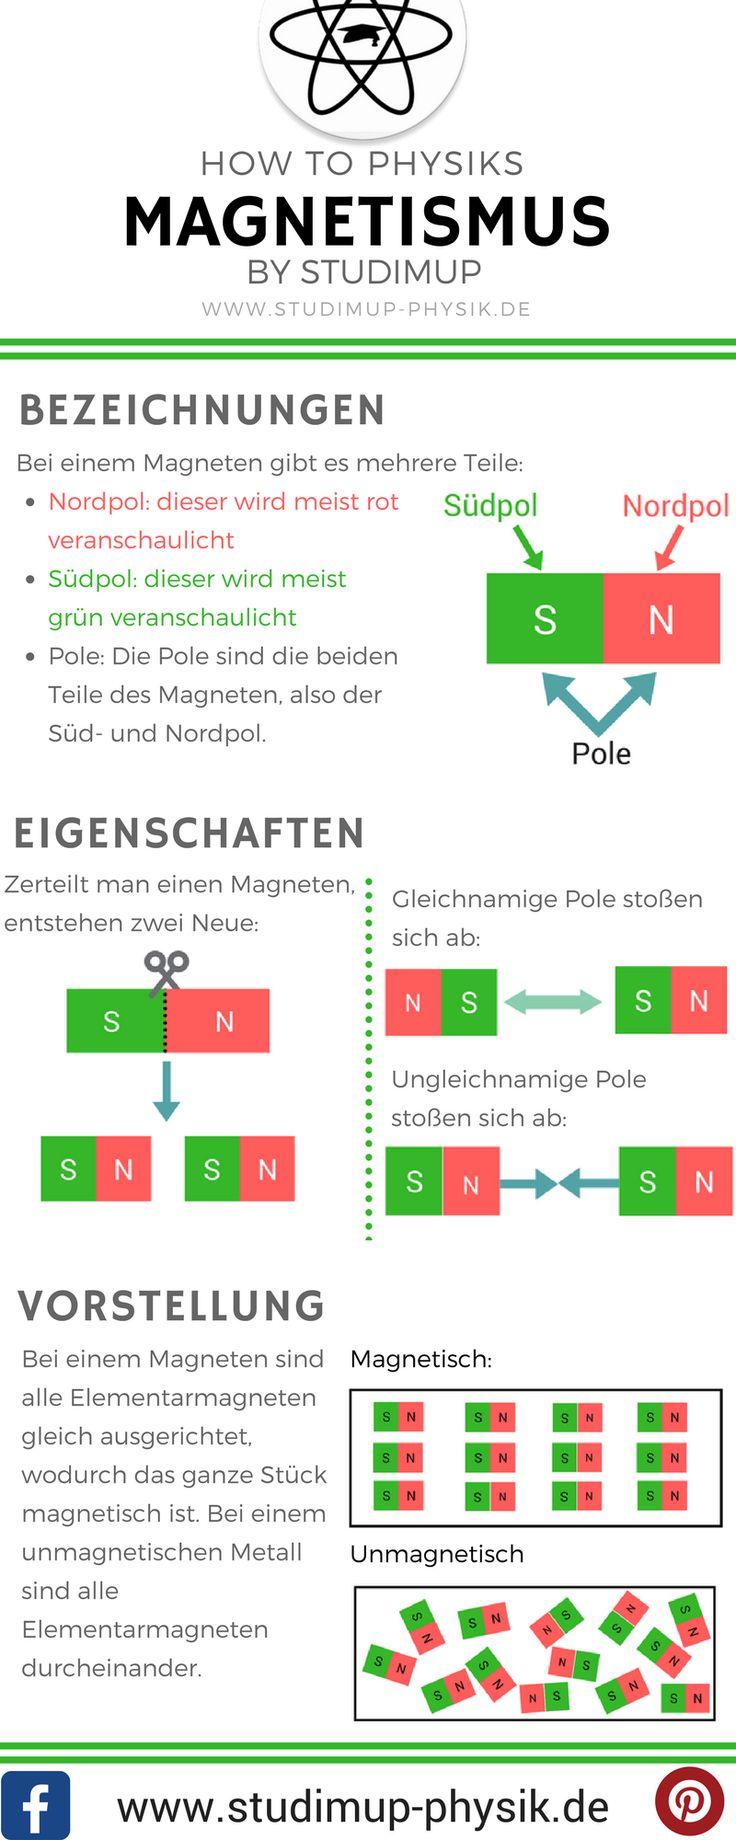 Physik Spickzettel zum Magnetismus. Bezeichnungen, Eigenschaften und die Vorstellung von Magneten. Online Physik lernen bei Studimup.